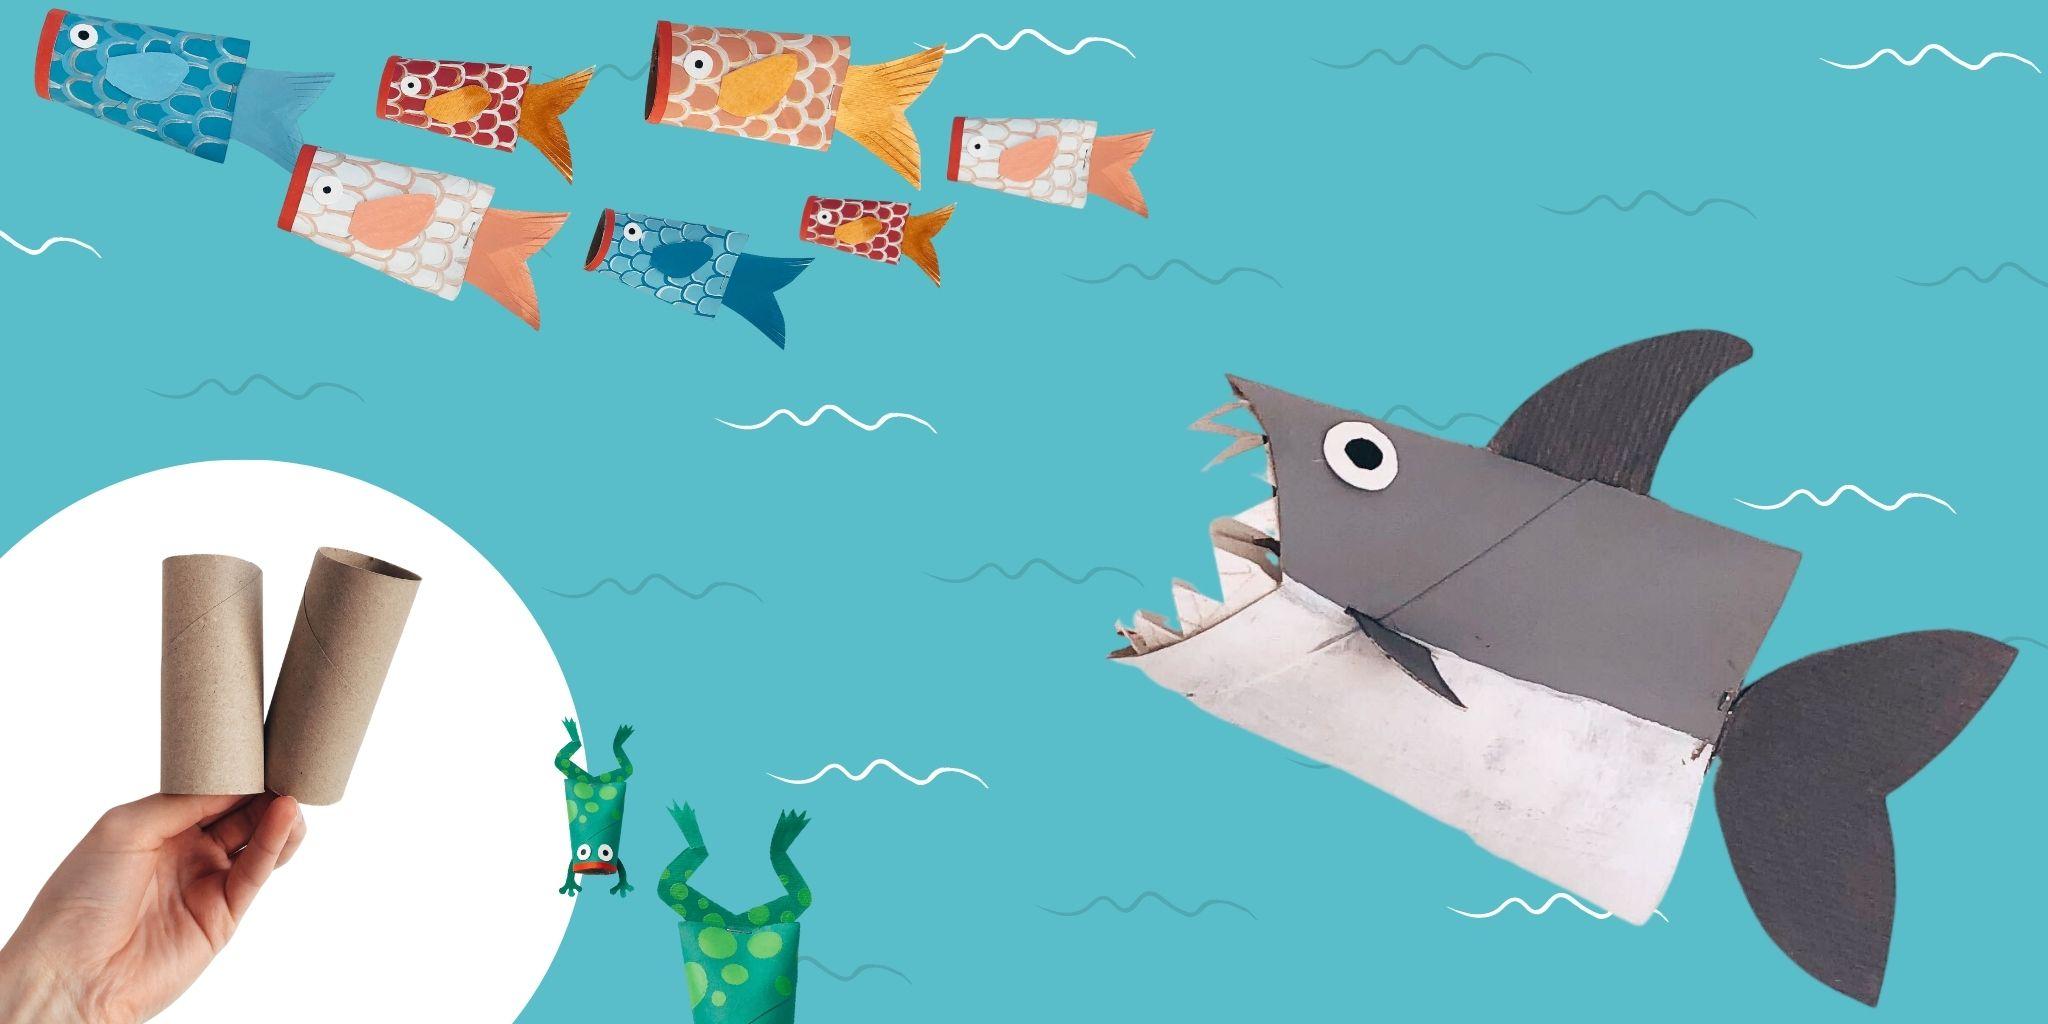 Vytváření mořských tvorů pro děti: žralok, žába a ryby